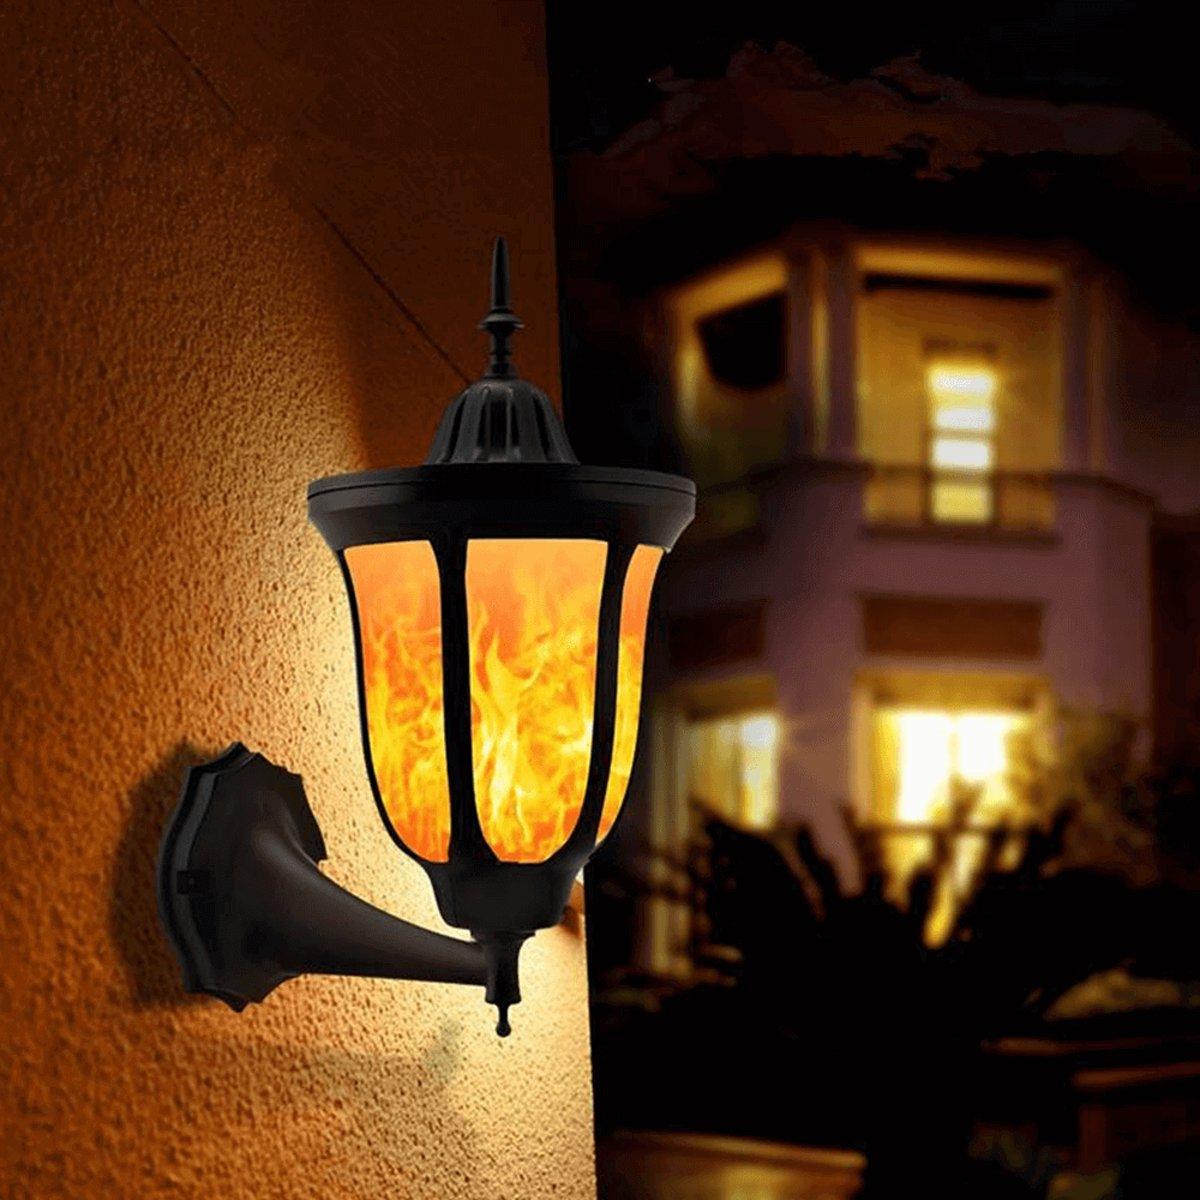 Solar wandlamp Pieck met vlameffect en schemersensor